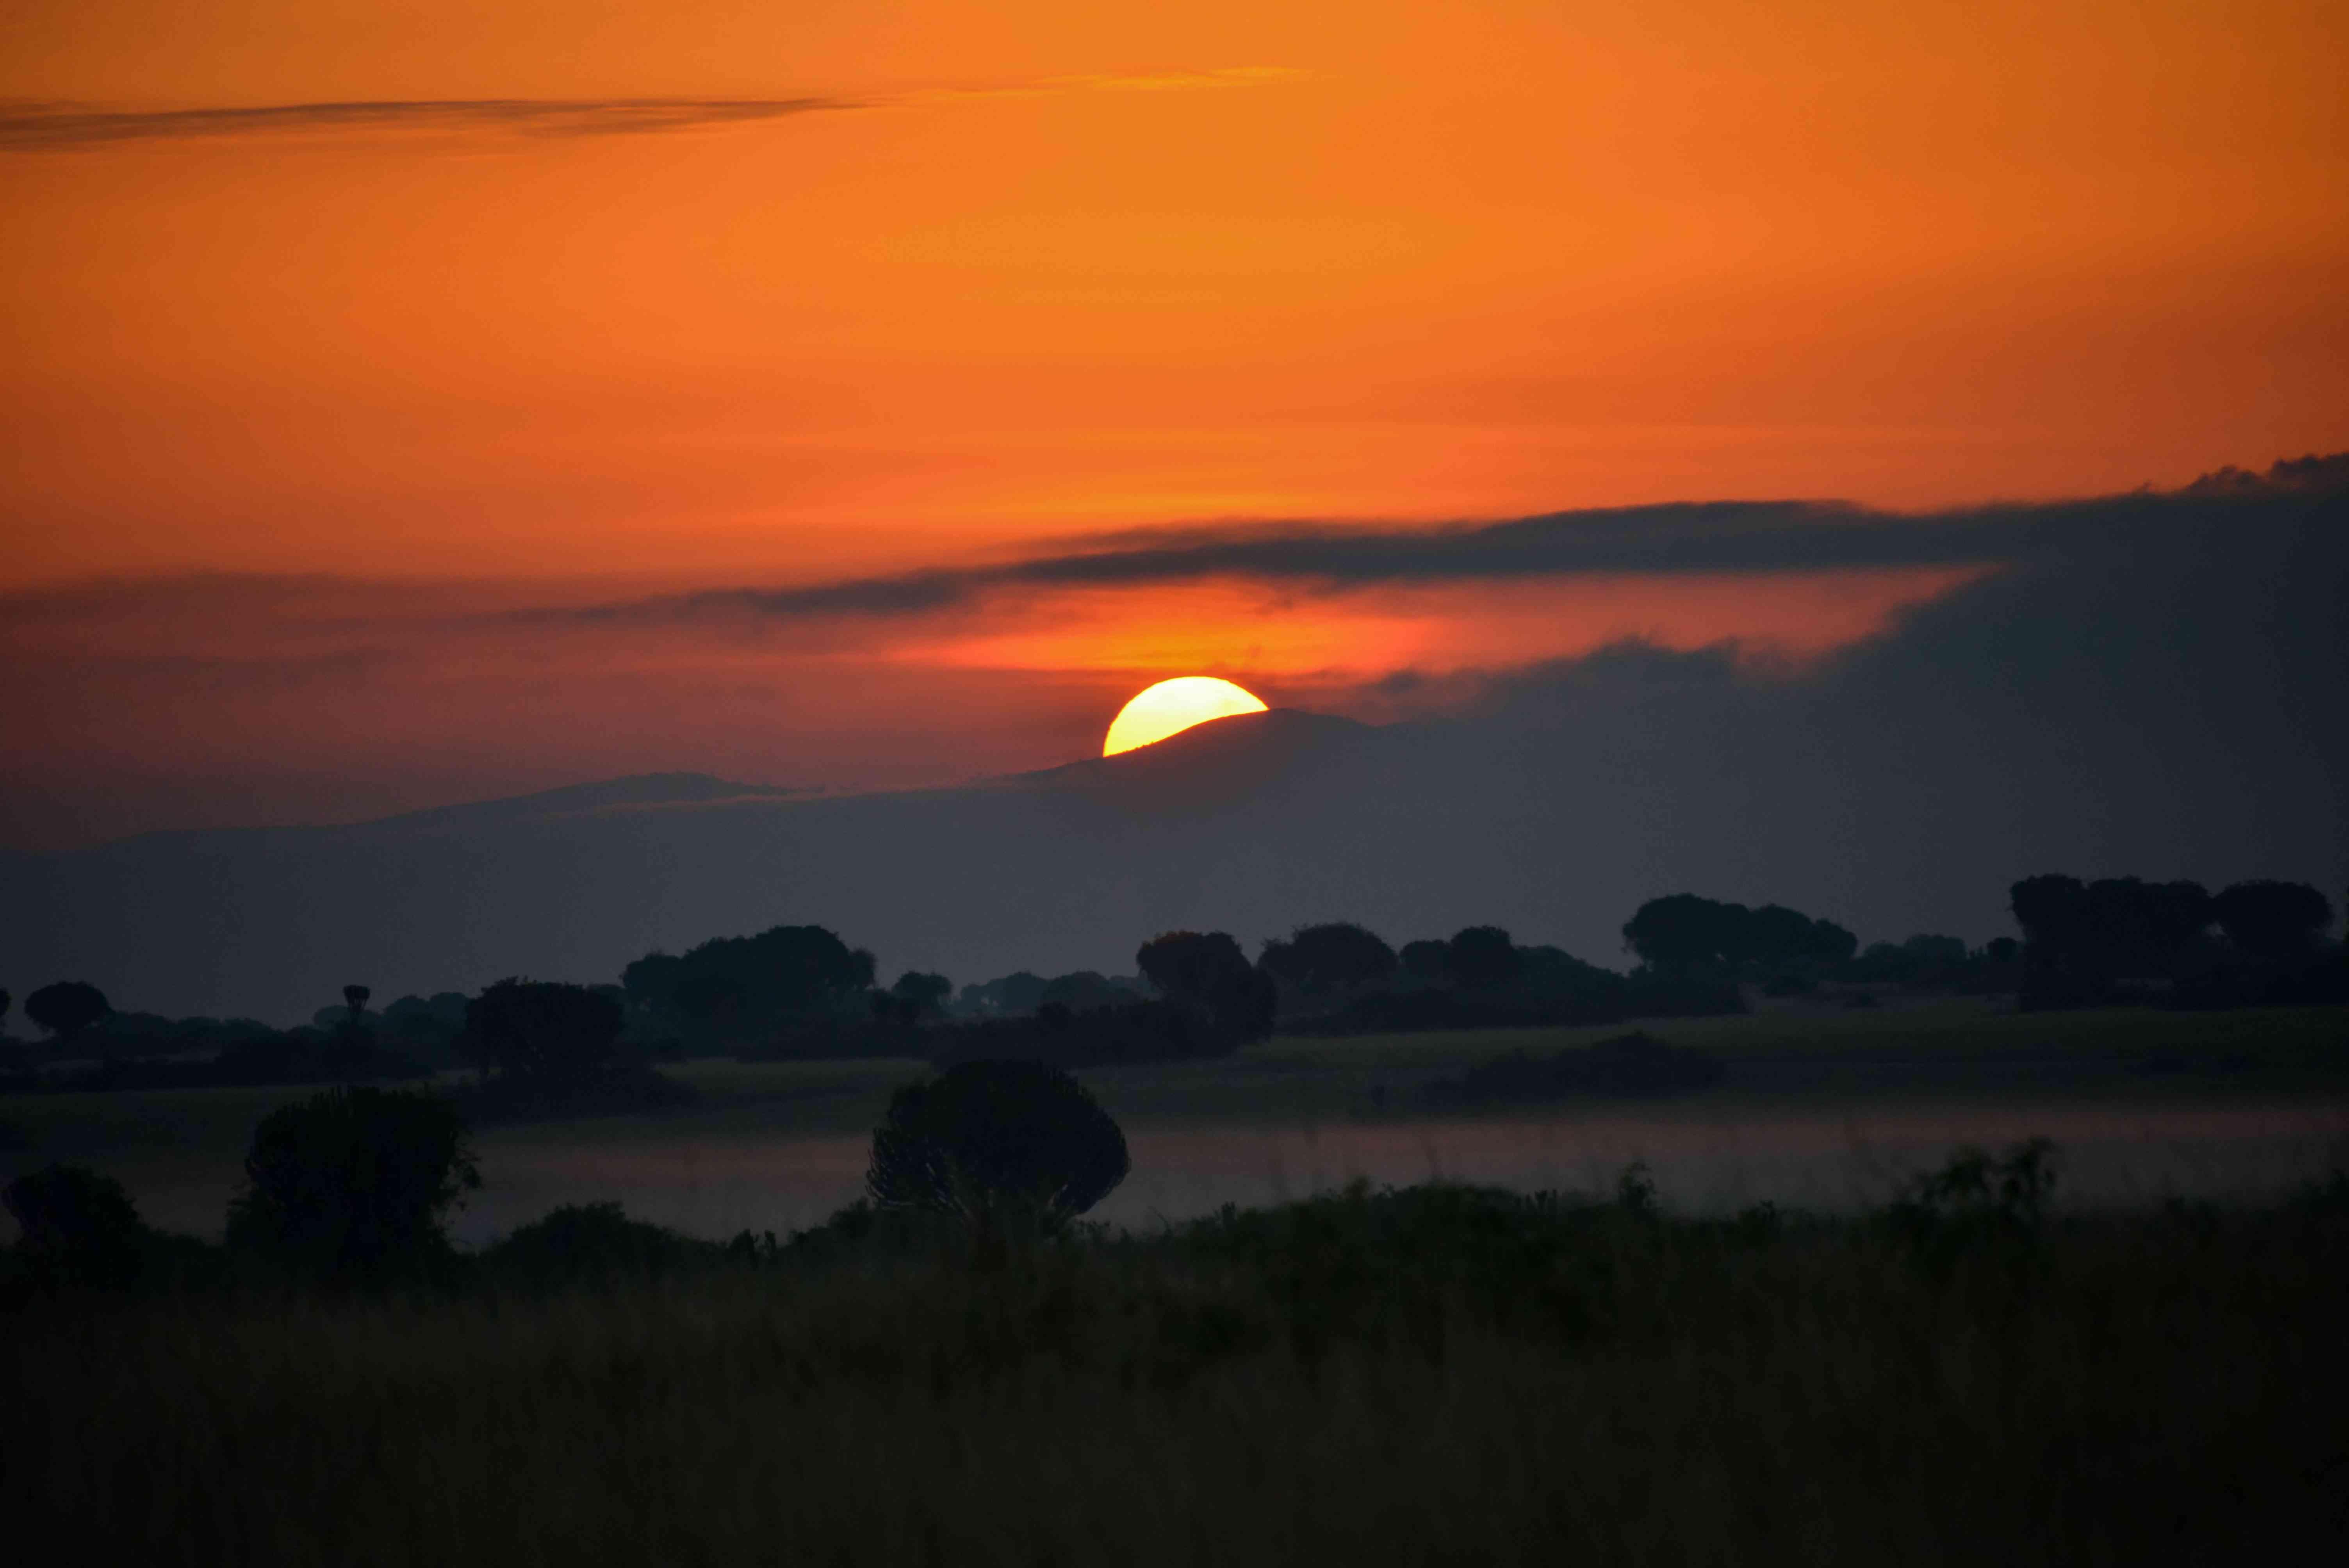 sunset at White Nile River in Uganda